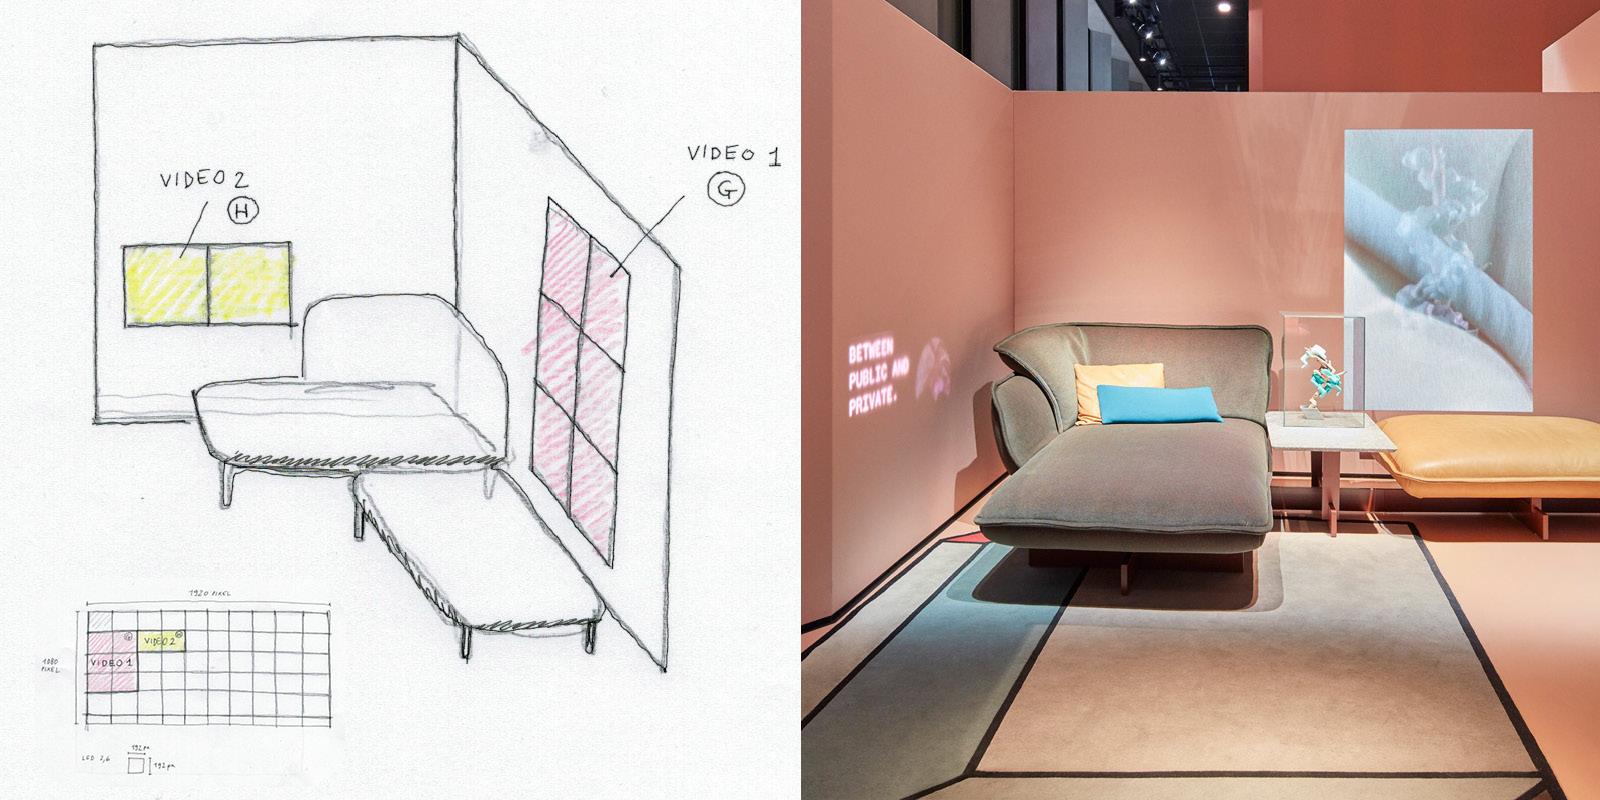 cassina-9.0-90-paolo-di-giacomo-interaction-design-patricia-urquiola-ilaria-vergani-bassi-mammafotogramma-design-week-milan-fuorisalone-2017-this-will-be-the-place-fondazione-feltrinelli-3